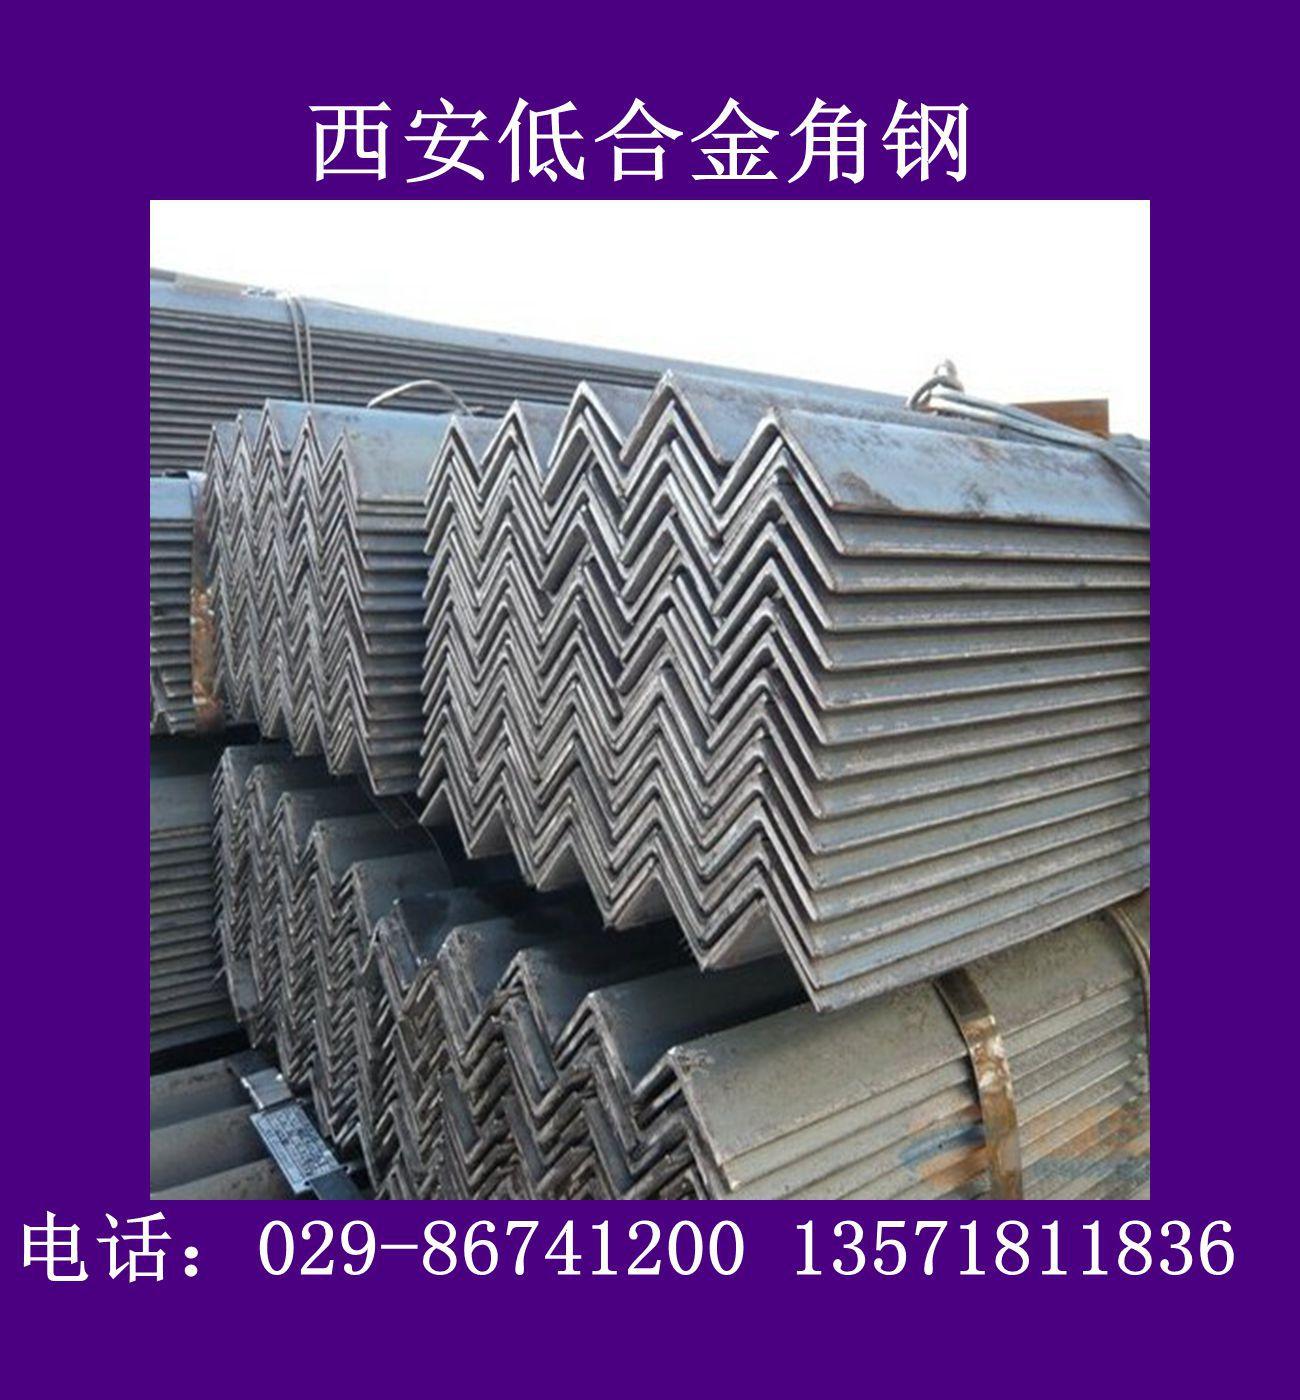 汉中低合金角钢厂家直销16mn角钢示例图6